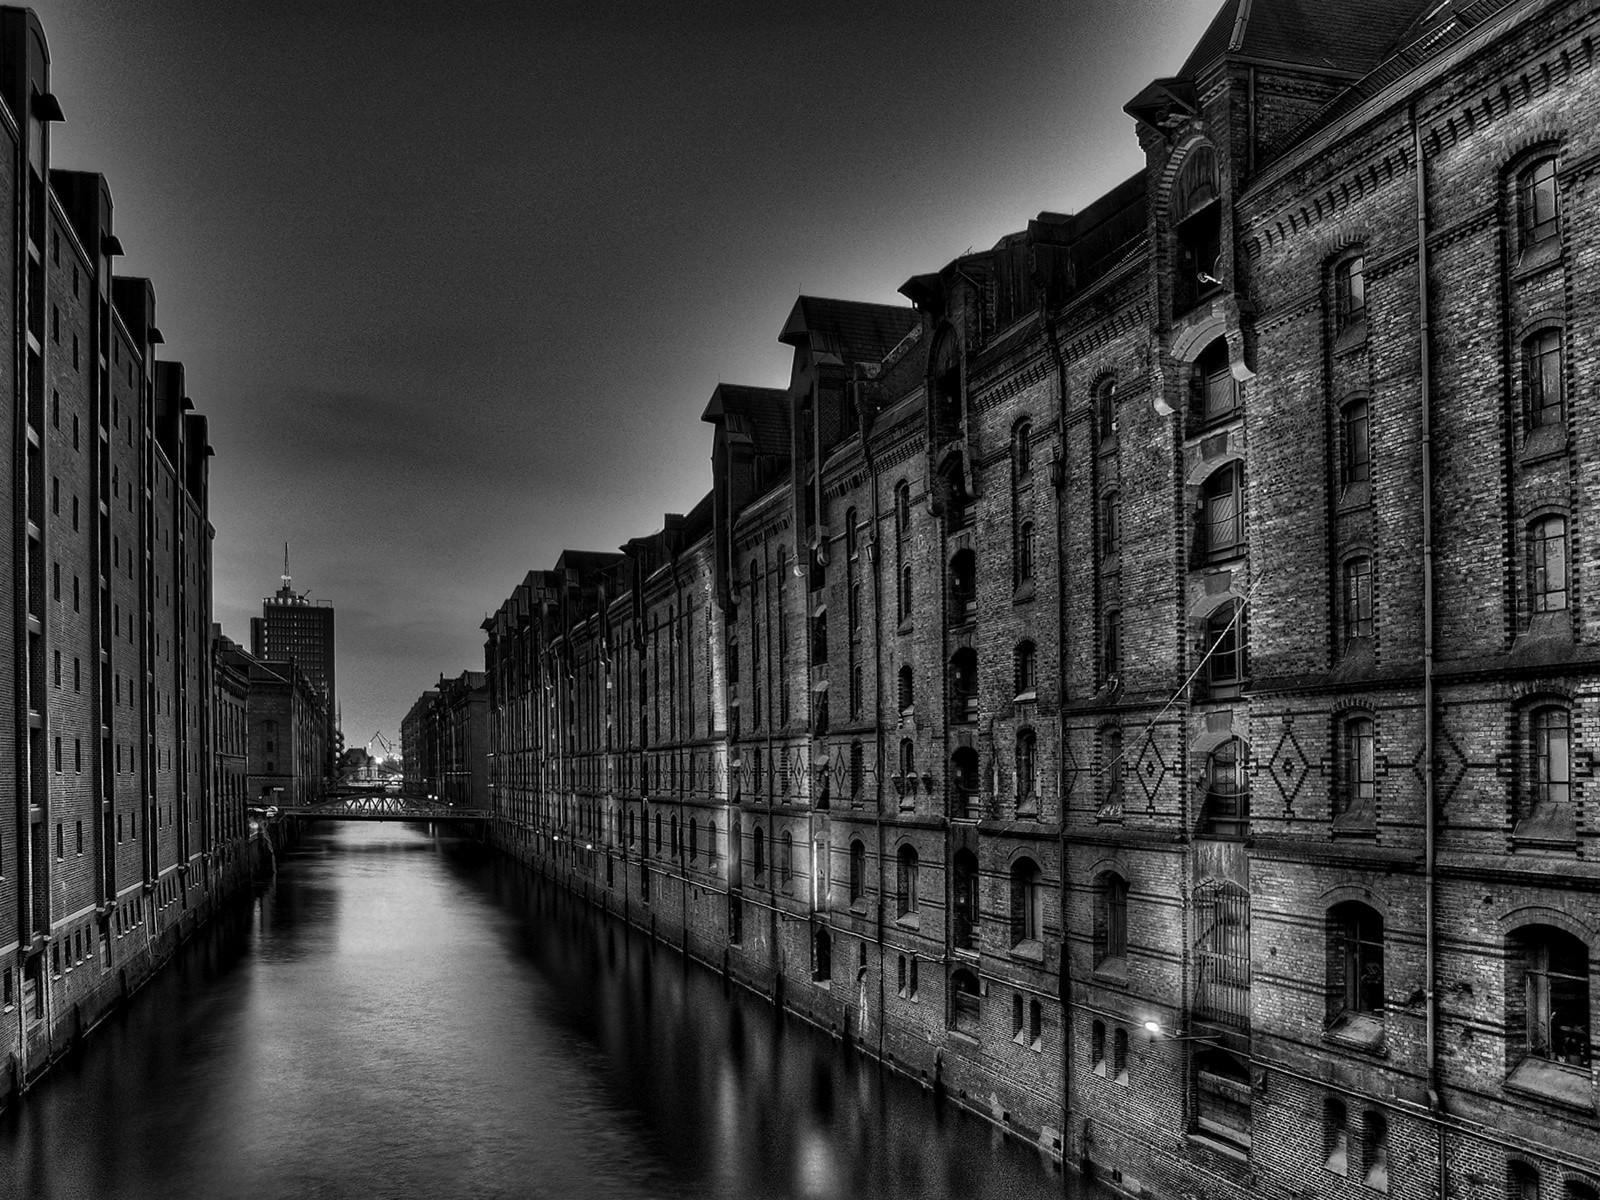 облегчения красивые черно-белые фотографии высокого разрешения фото